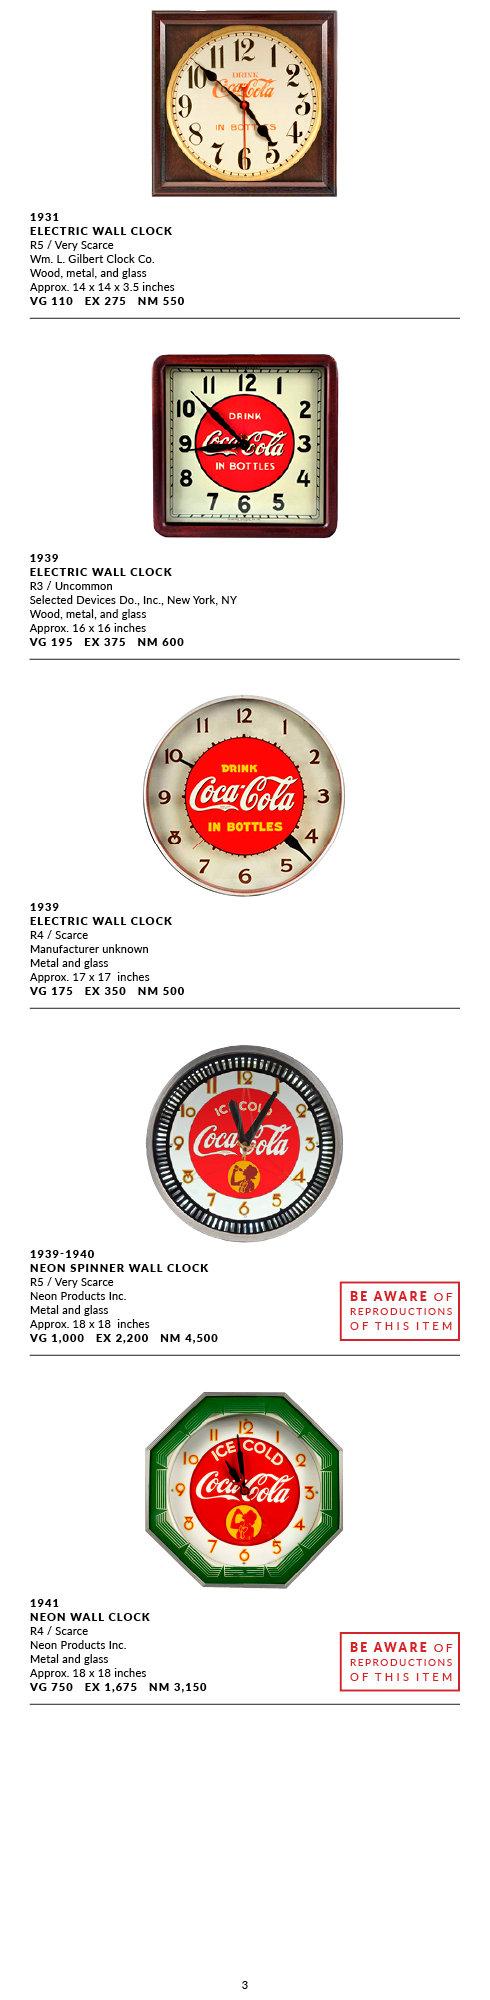 Clocks3.jpg